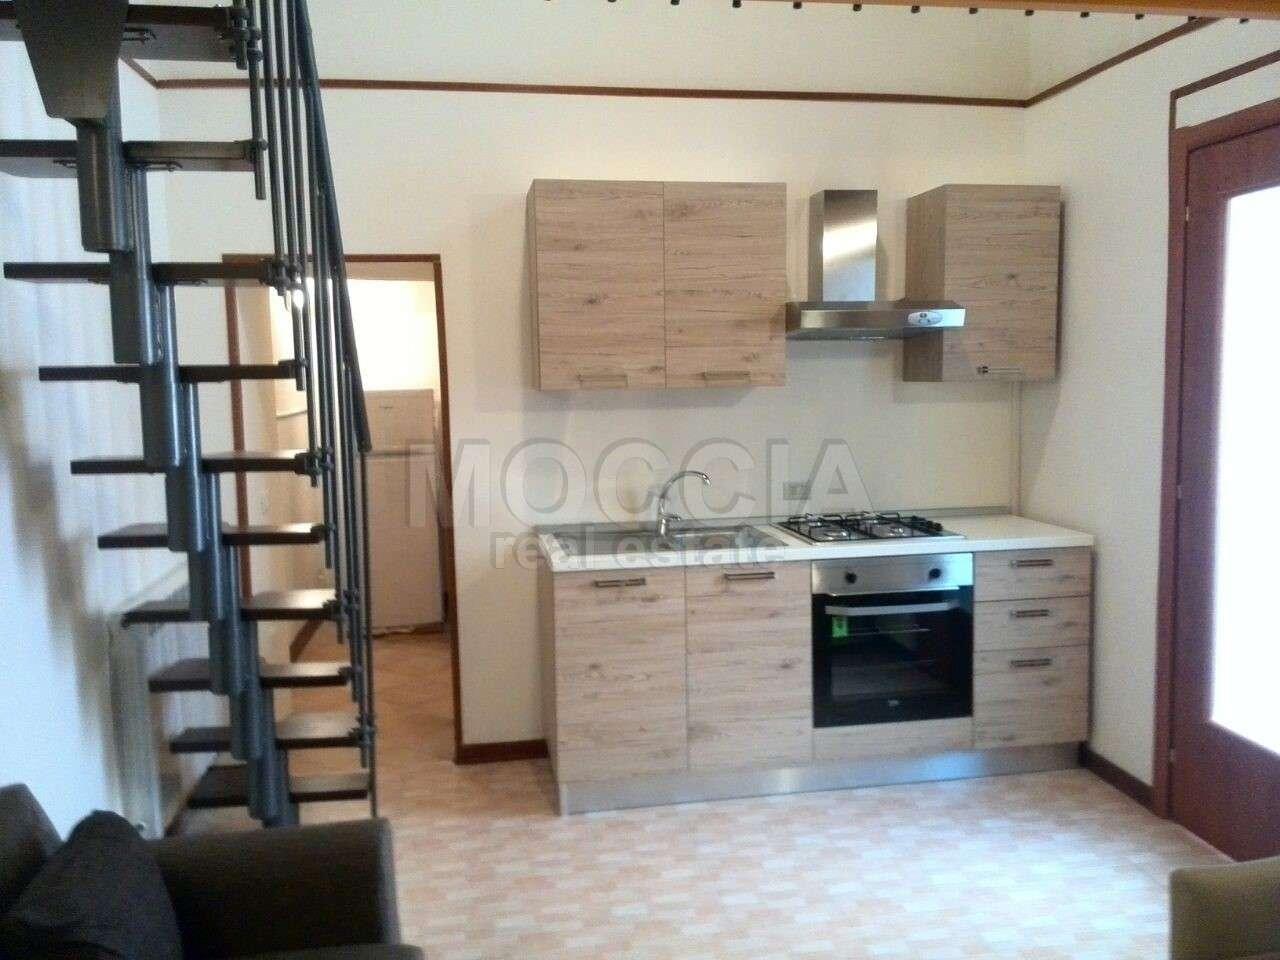 Appartamenti monolocali in affitto a caserta for Affitto caserta arredato